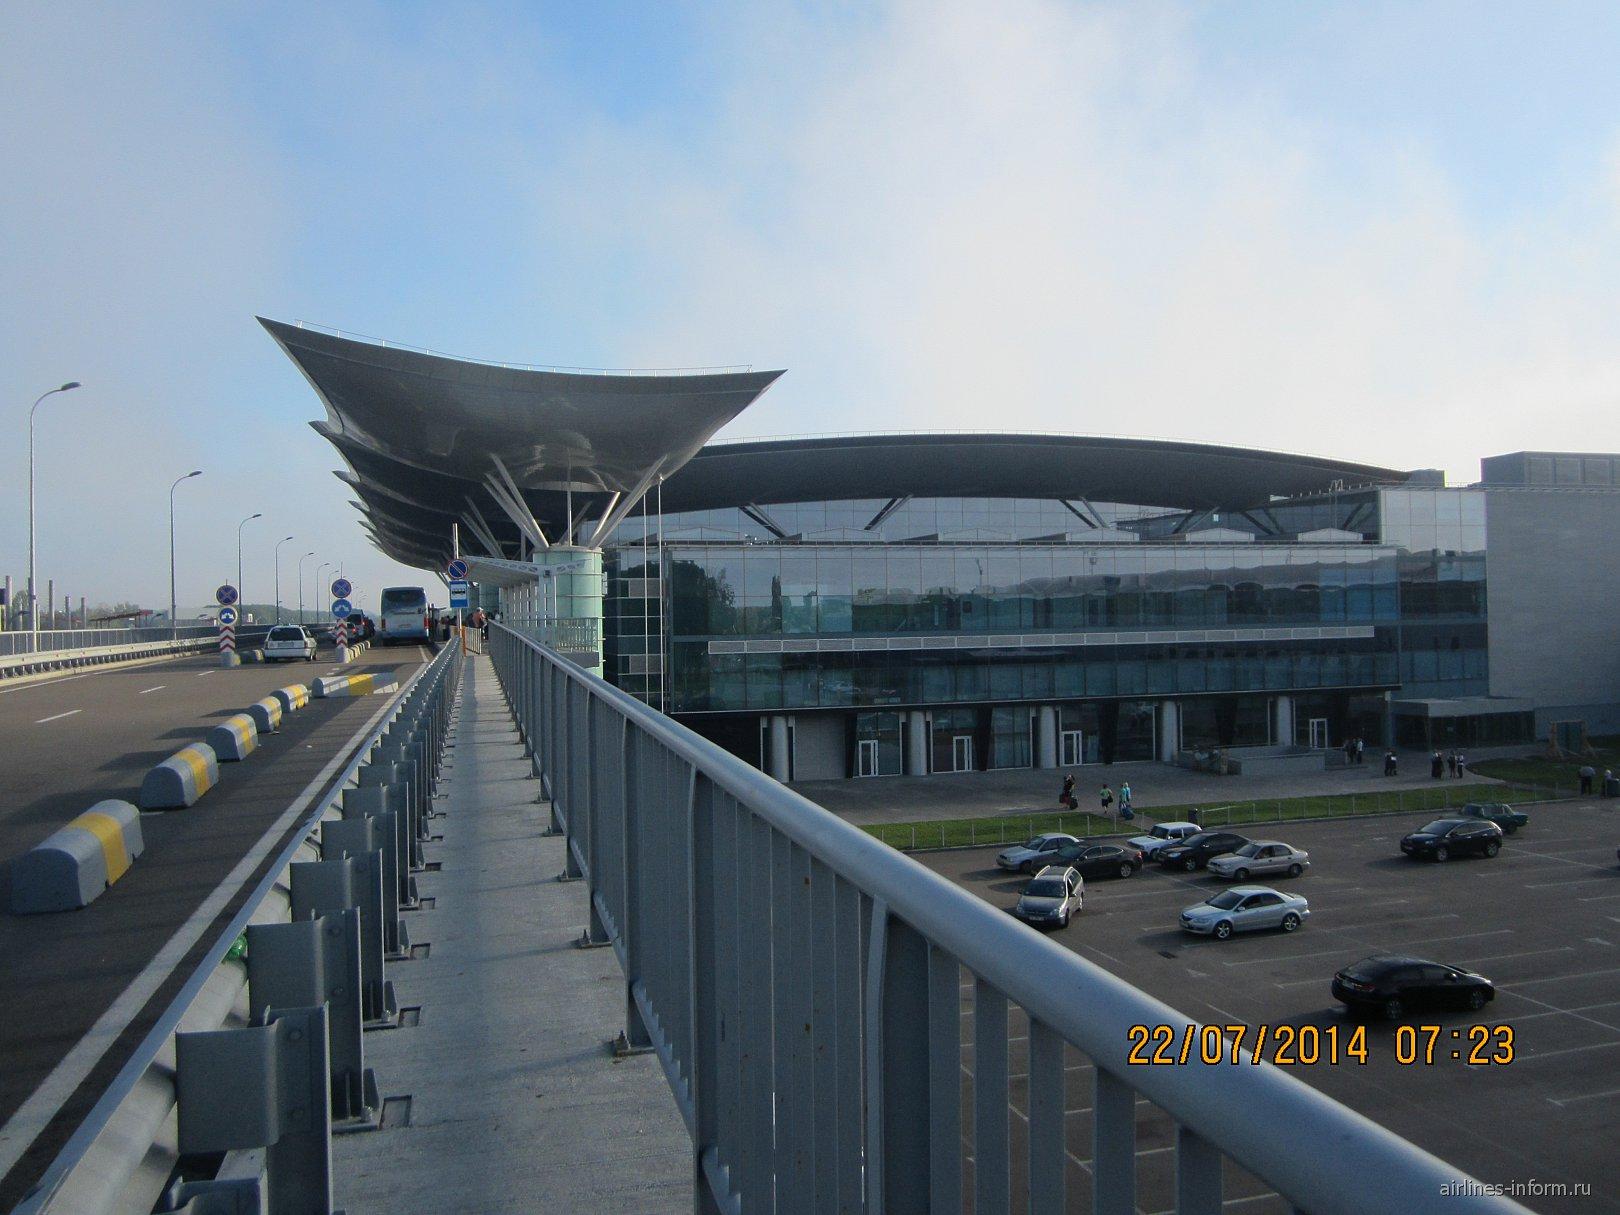 Аэропорт борисполь где находится